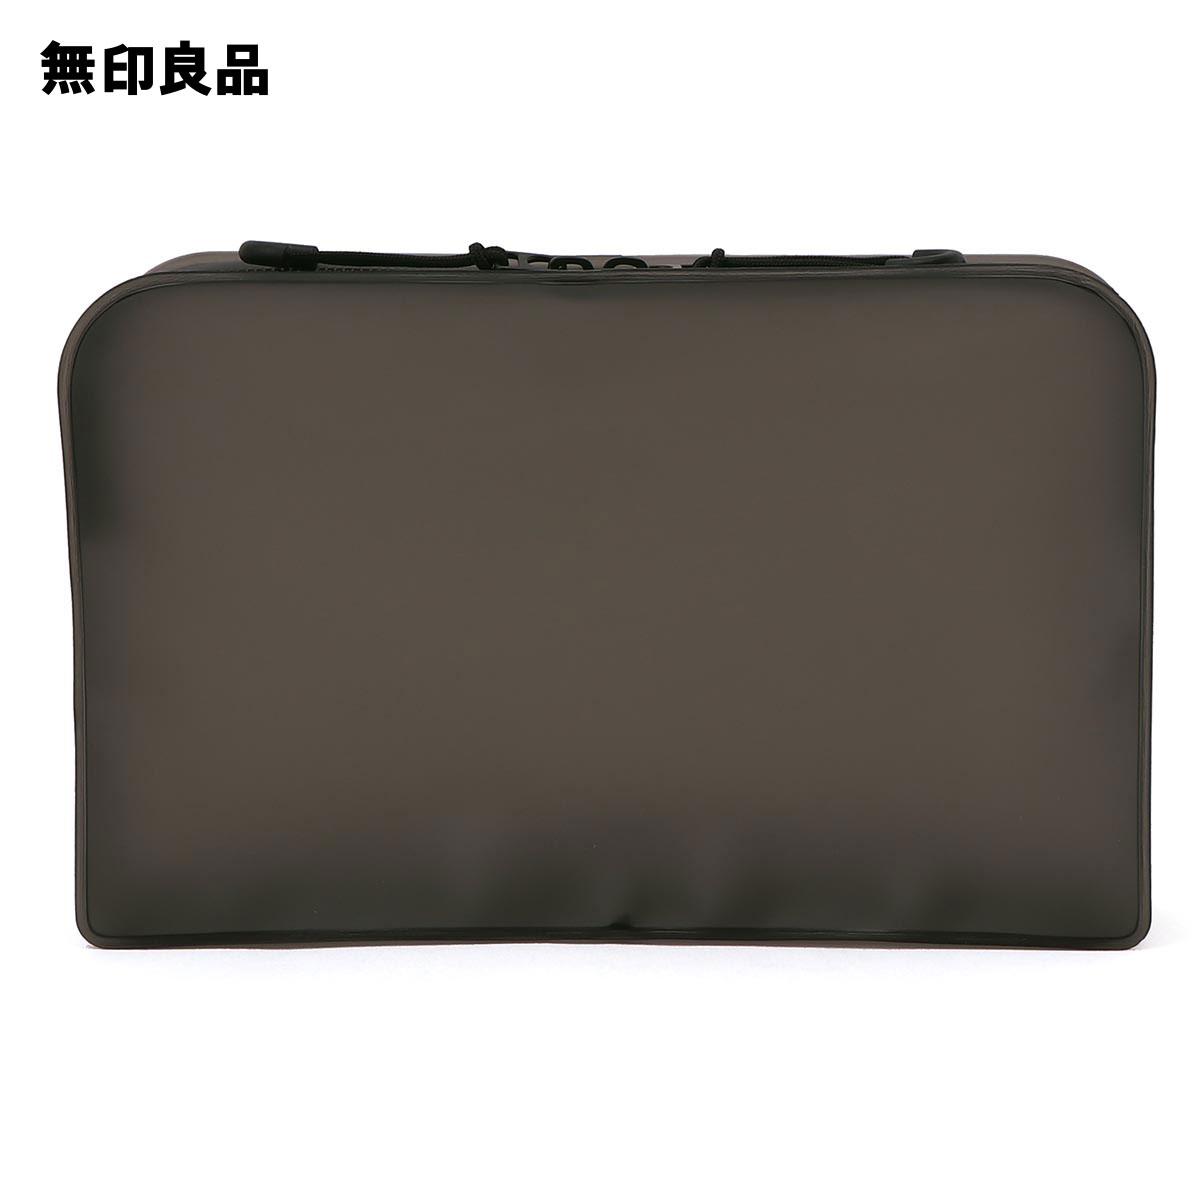 【無印良品公式】TPU自立するポーチ・L黒・約12×18.5×4cm